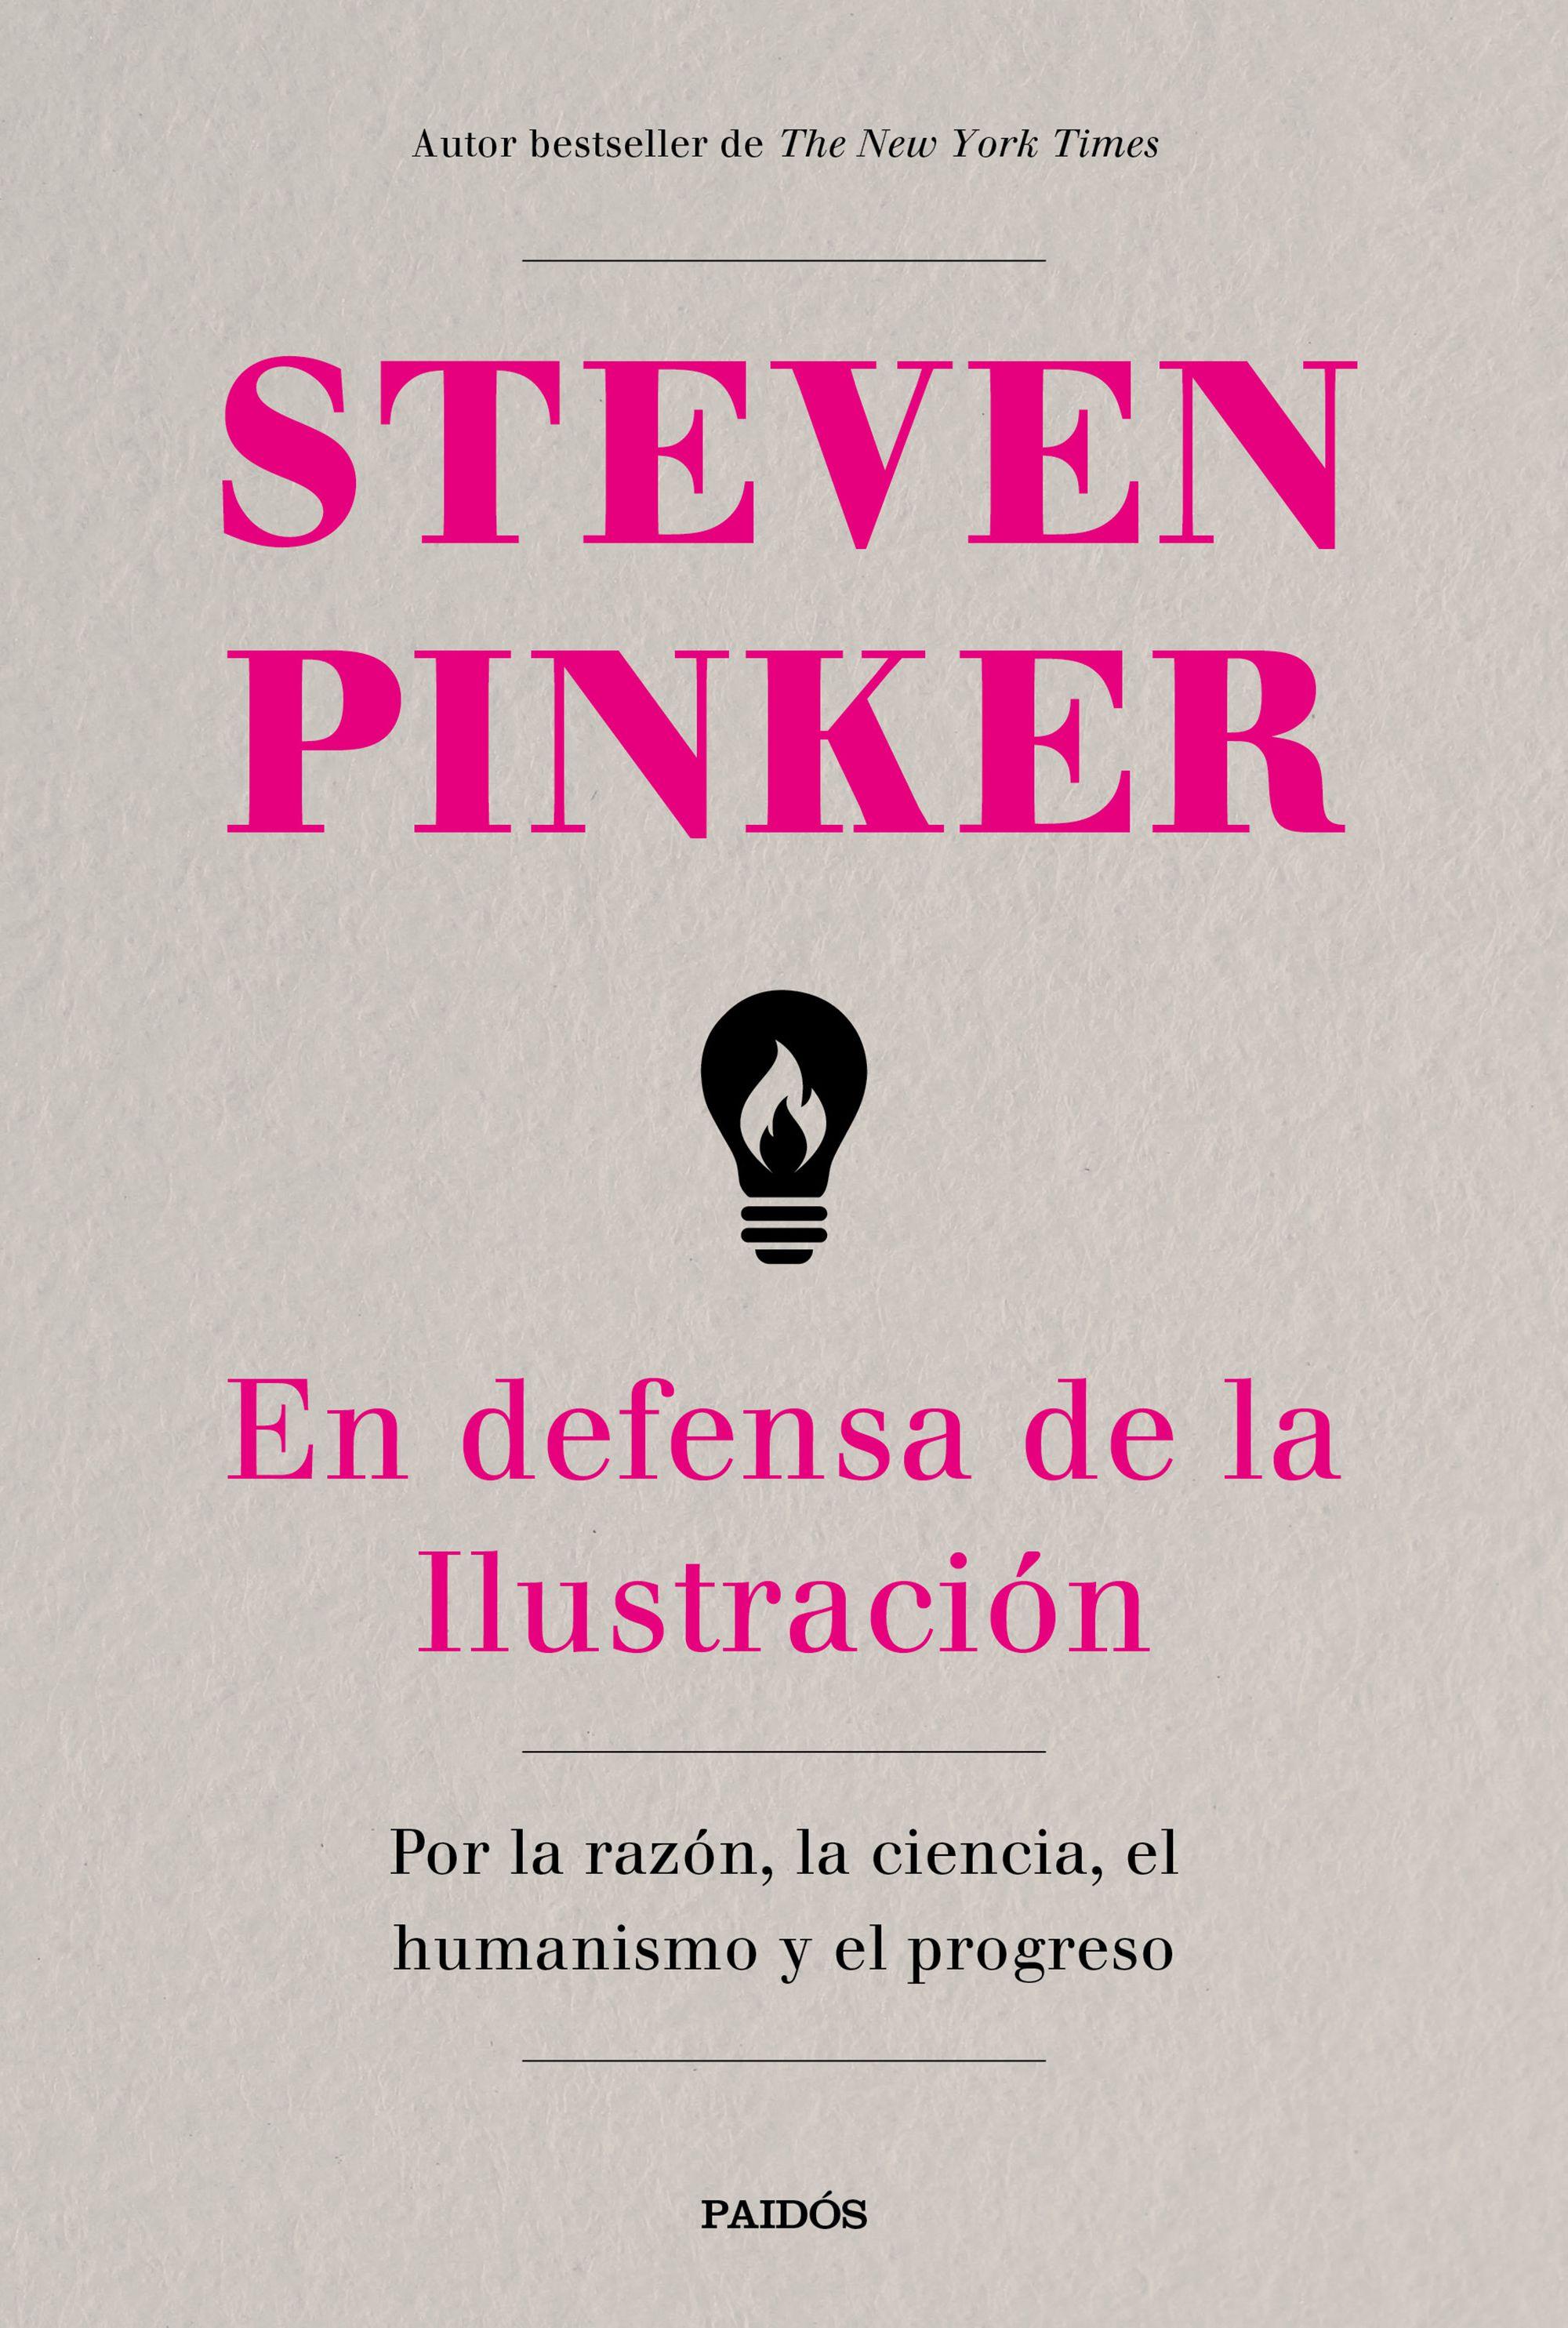 En Defensa de la Ilustración - Steven Pinker - Paidos